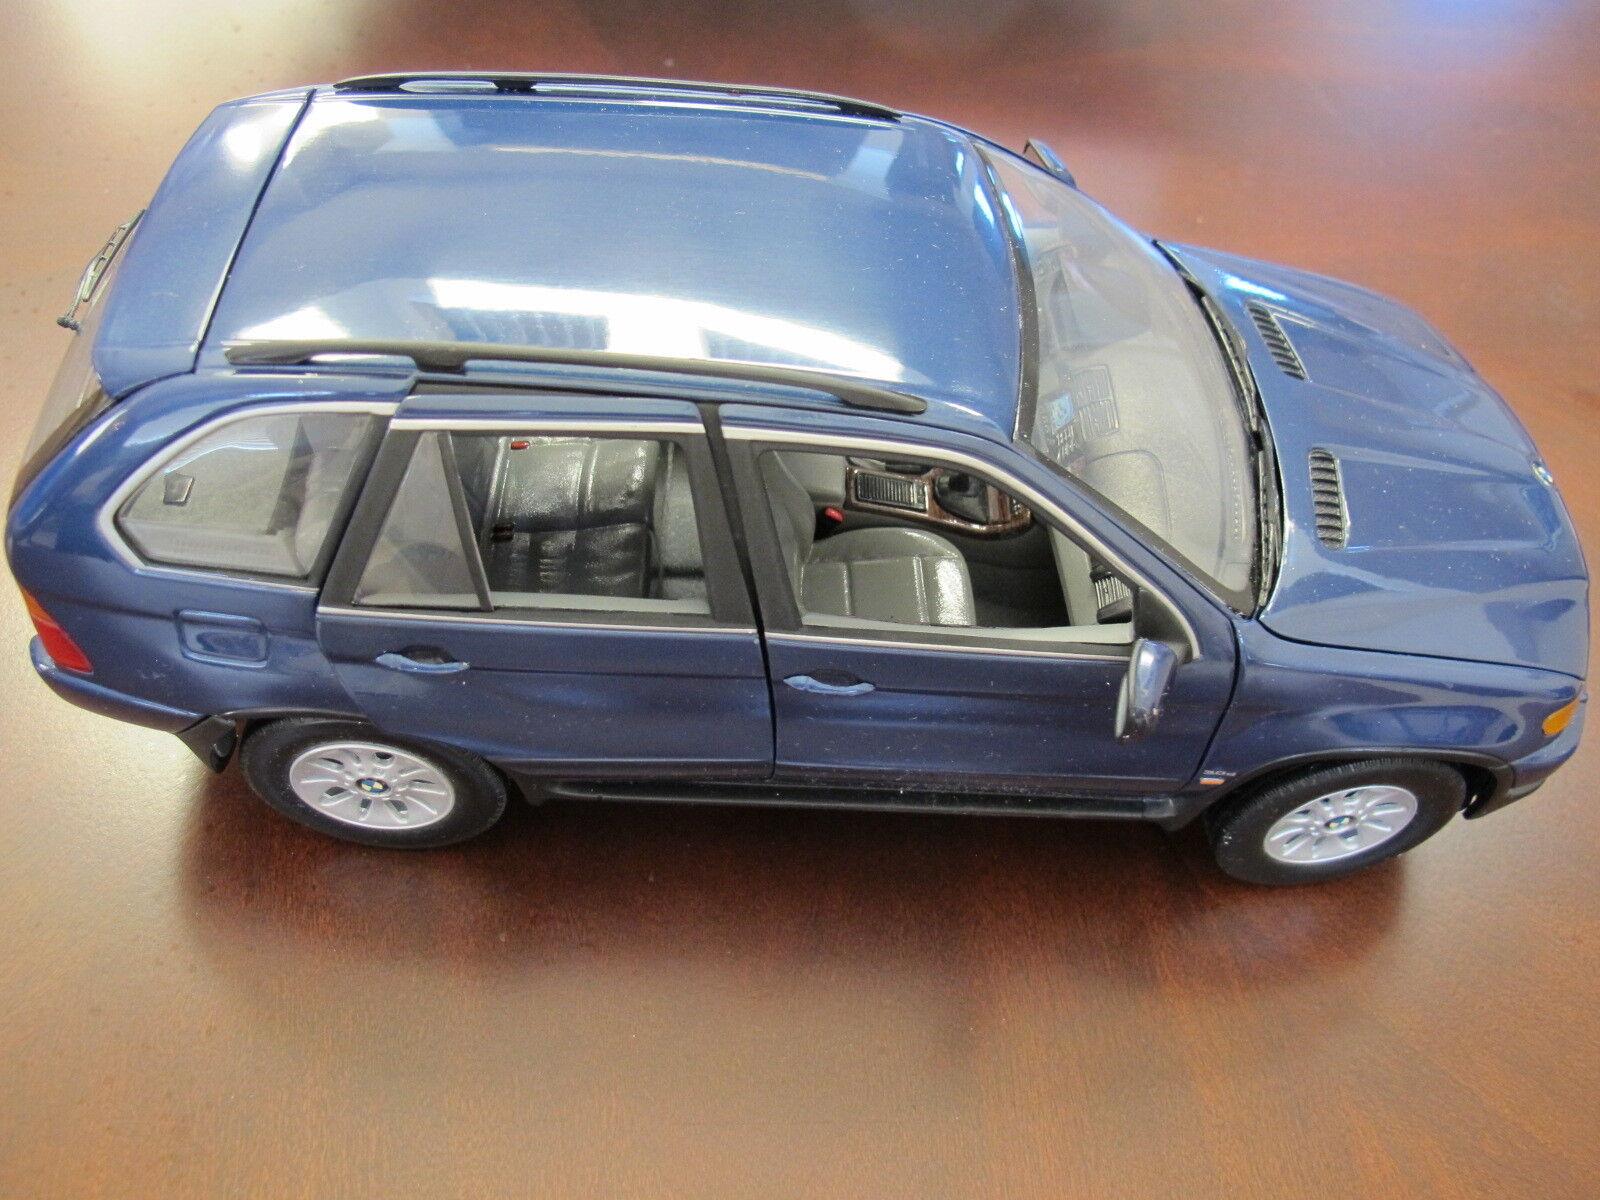 muy popular Nuevo Nuevo Nuevo y menta BMW X5 3.0 Diesel (E53) Distribuidor Modelo 08 43 9 411 688  mas barato